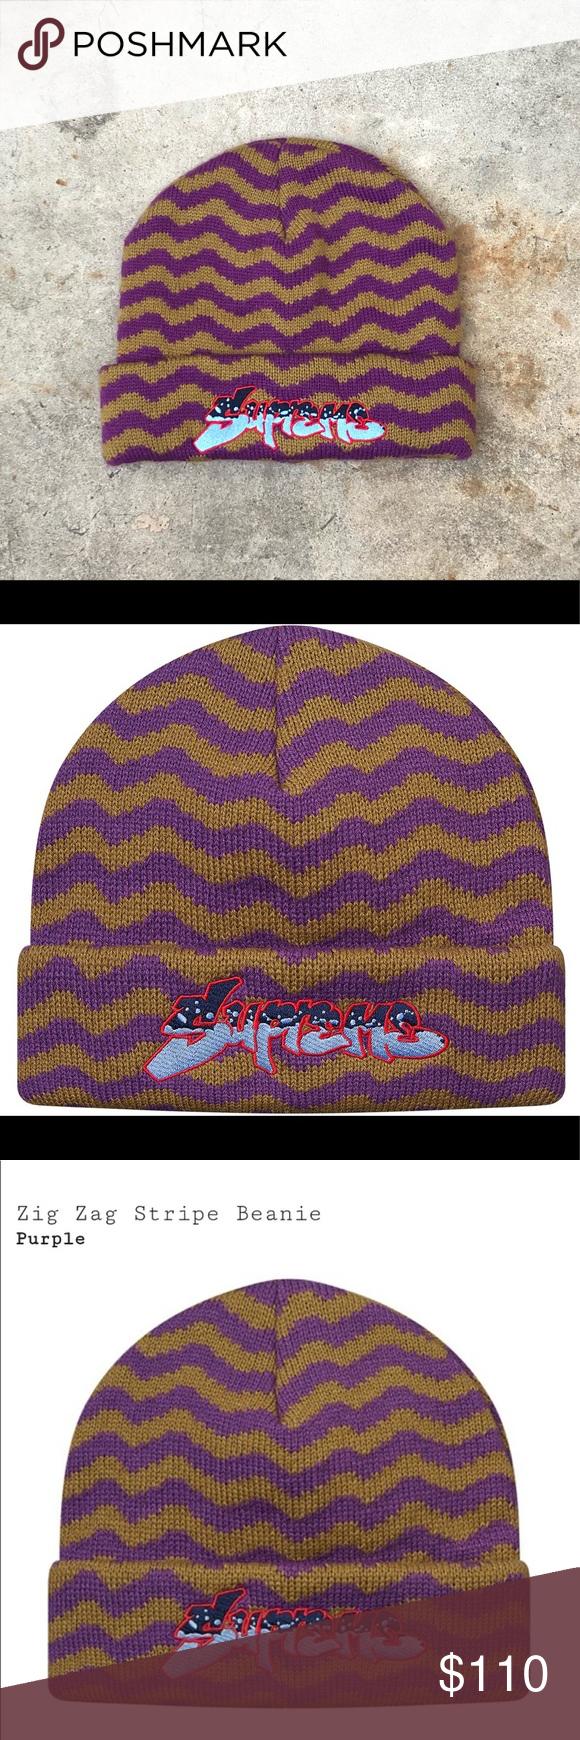 9e7c83a0fd7 Supreme Purple Zig Zag Beanie FW17 Deadstock Supreme Beanie Purple Zig Zag  Stripe FW17 NWOT Deadstock